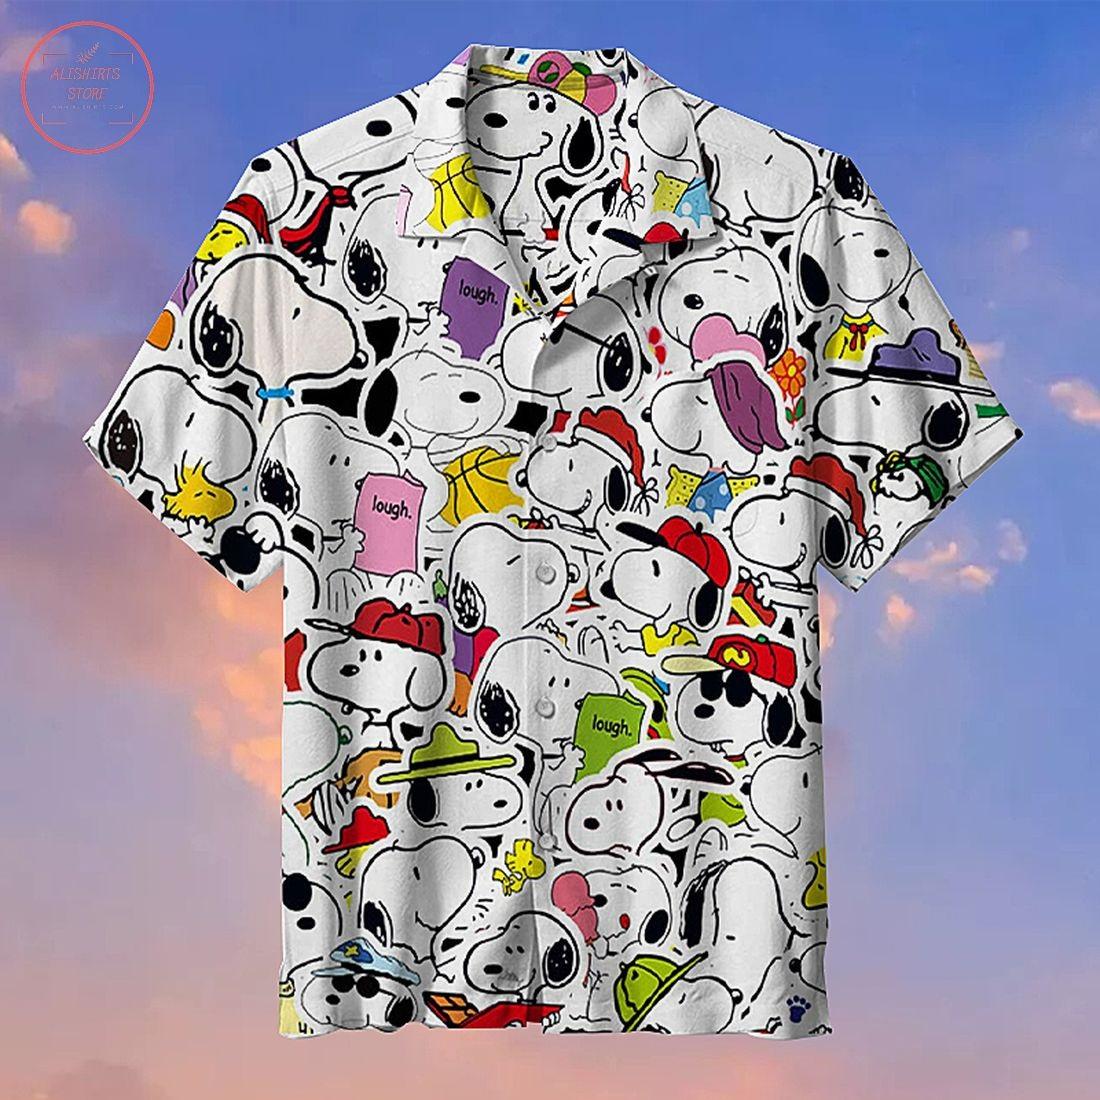 Snoopy Lough Commemorative Hawaiian Shirt